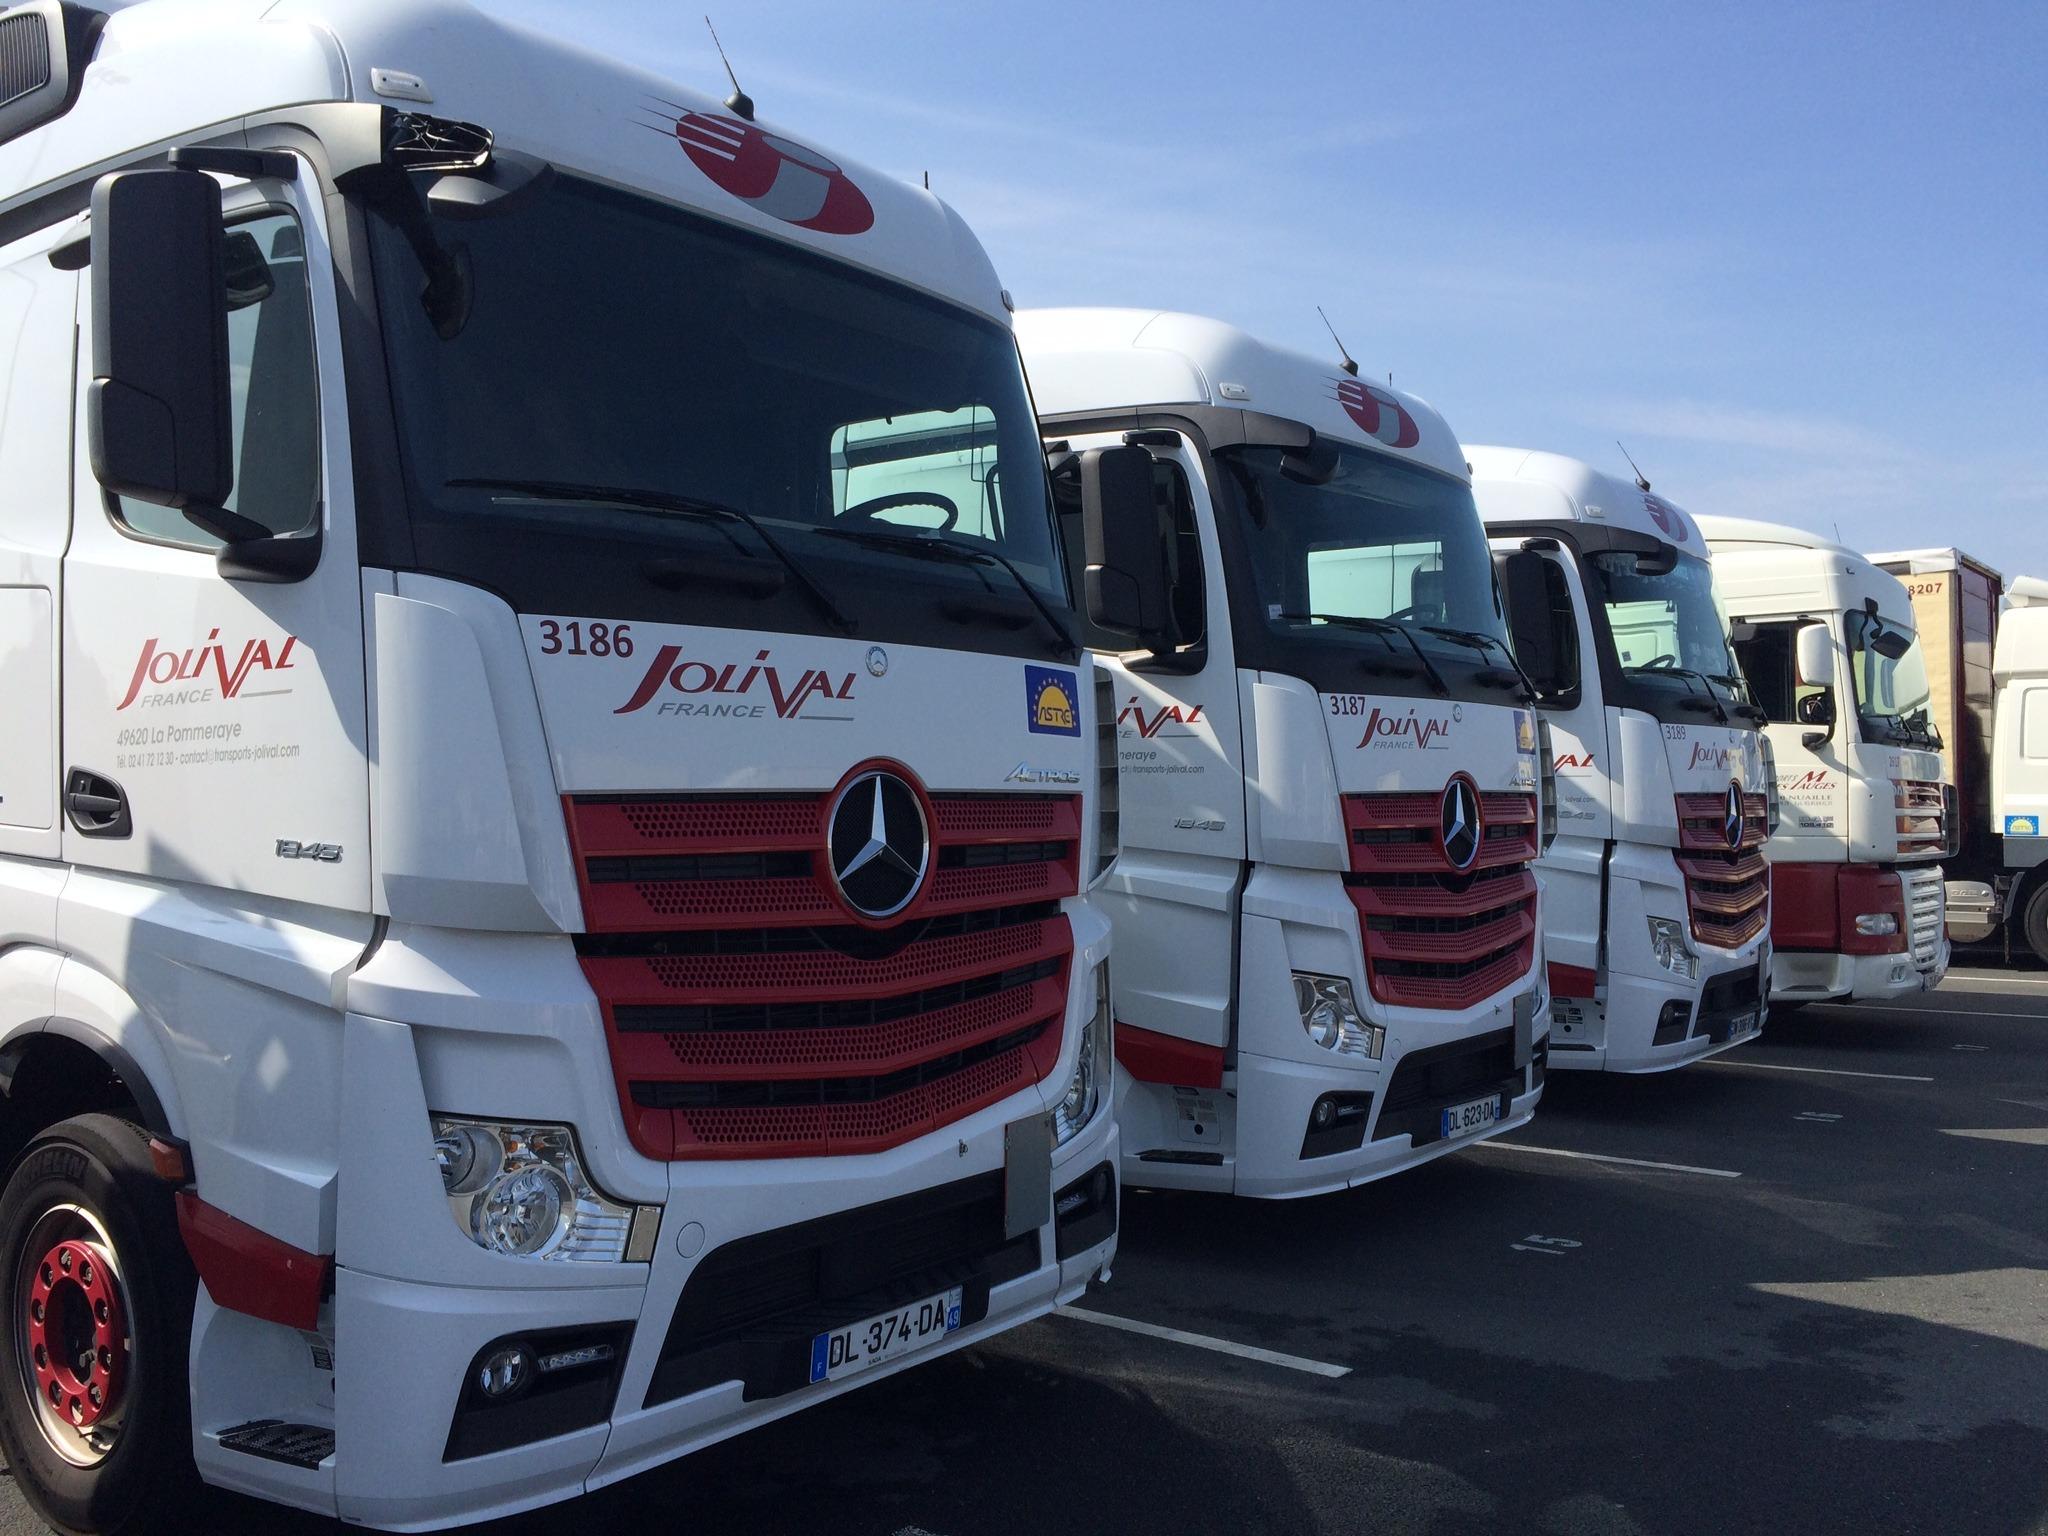 camions-mercedes-2010-jolival